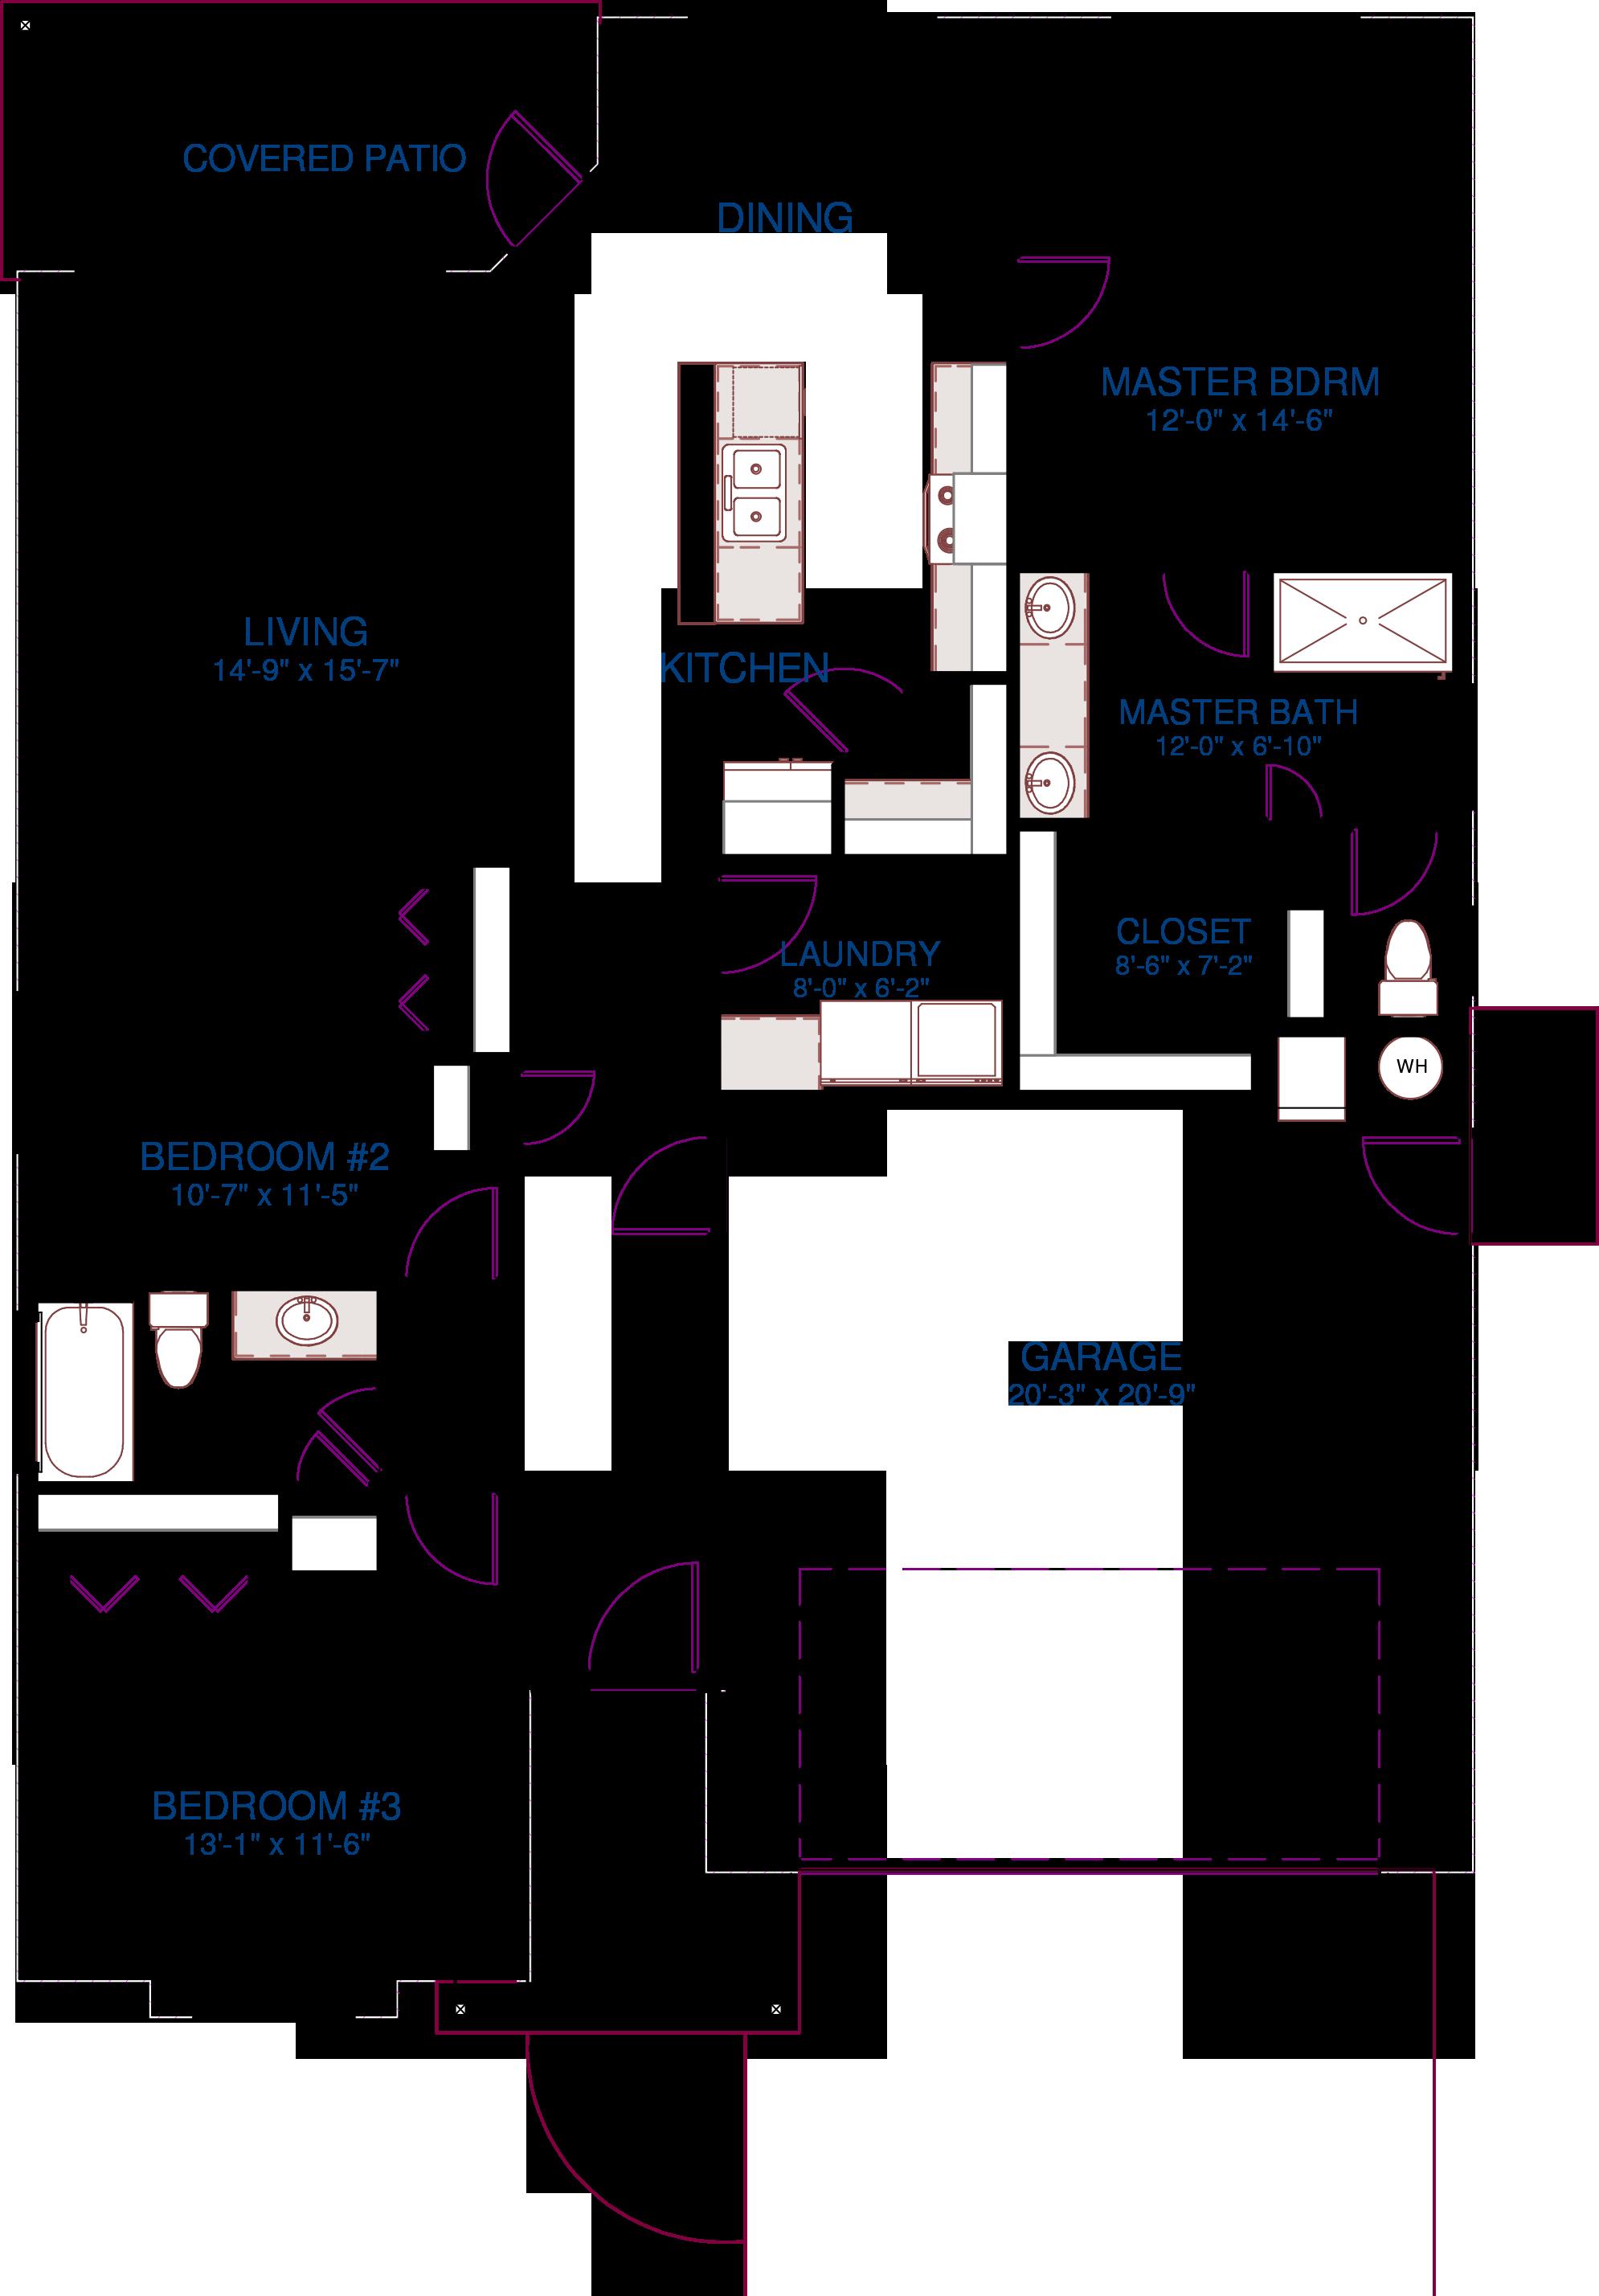 Sandalwood Floorplan by Biltmore Co.   Biltmore Co ... on michigan state floor plans, cheyenne floor plans, pittsburgh floor plans, marshall floor plans, middleton floor plans, lewiston floor plans, fleetwood floor plans, delaware floor plans, kansas city floor plans, louisville floor plans, fairfield floor plans, connecticut floor plans, israel floor plans, columbus floor plans, indiana floor plans, meridian floor plans, atlanta floor plans, north america floor plans, richmond floor plans, salem floor plans,